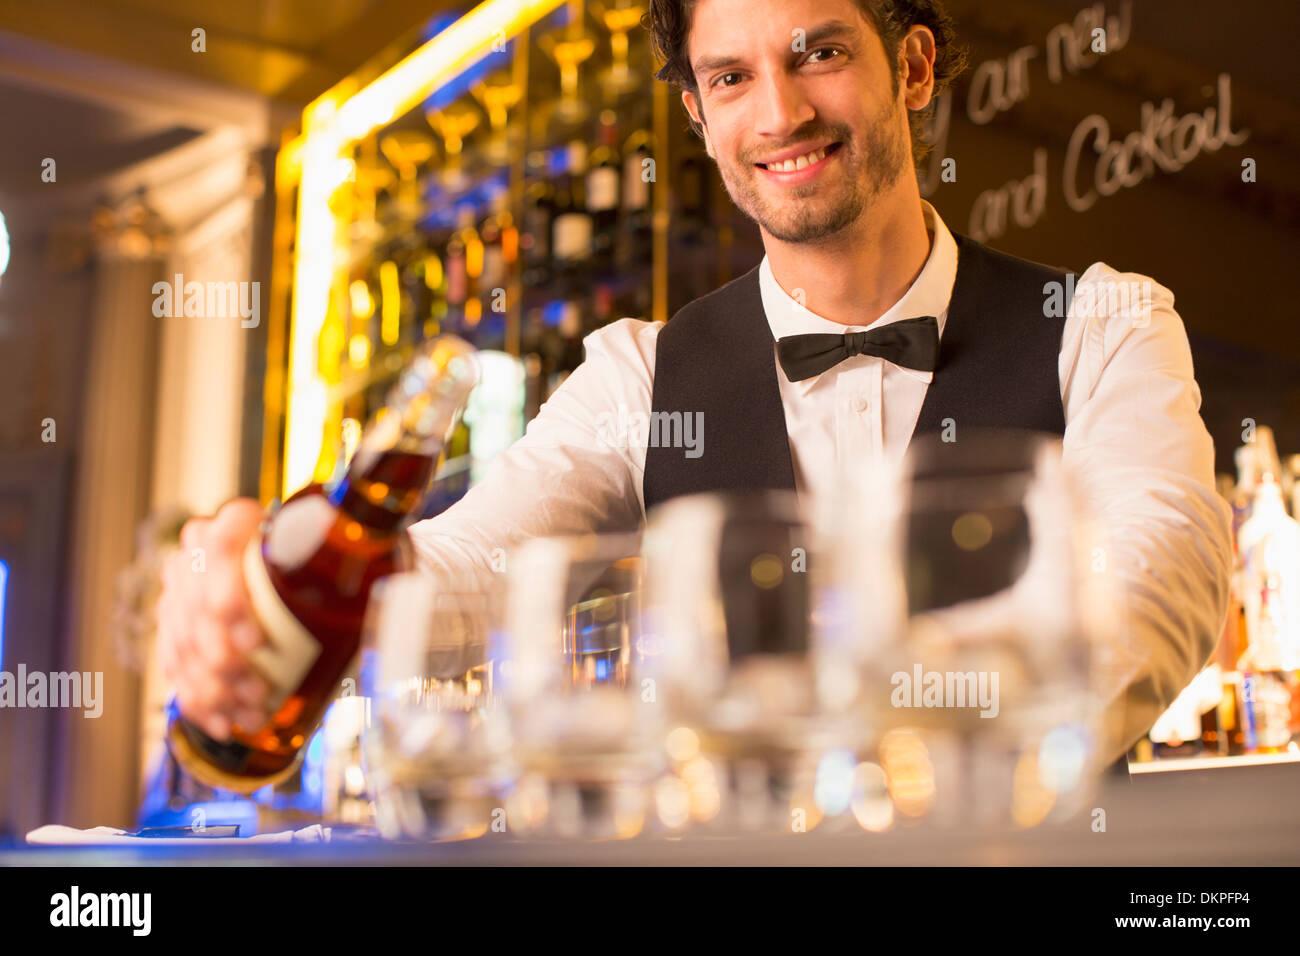 Porträt von gut gekleidete Barkeeper Gießen Bourbon in Luxus bar Stockbild